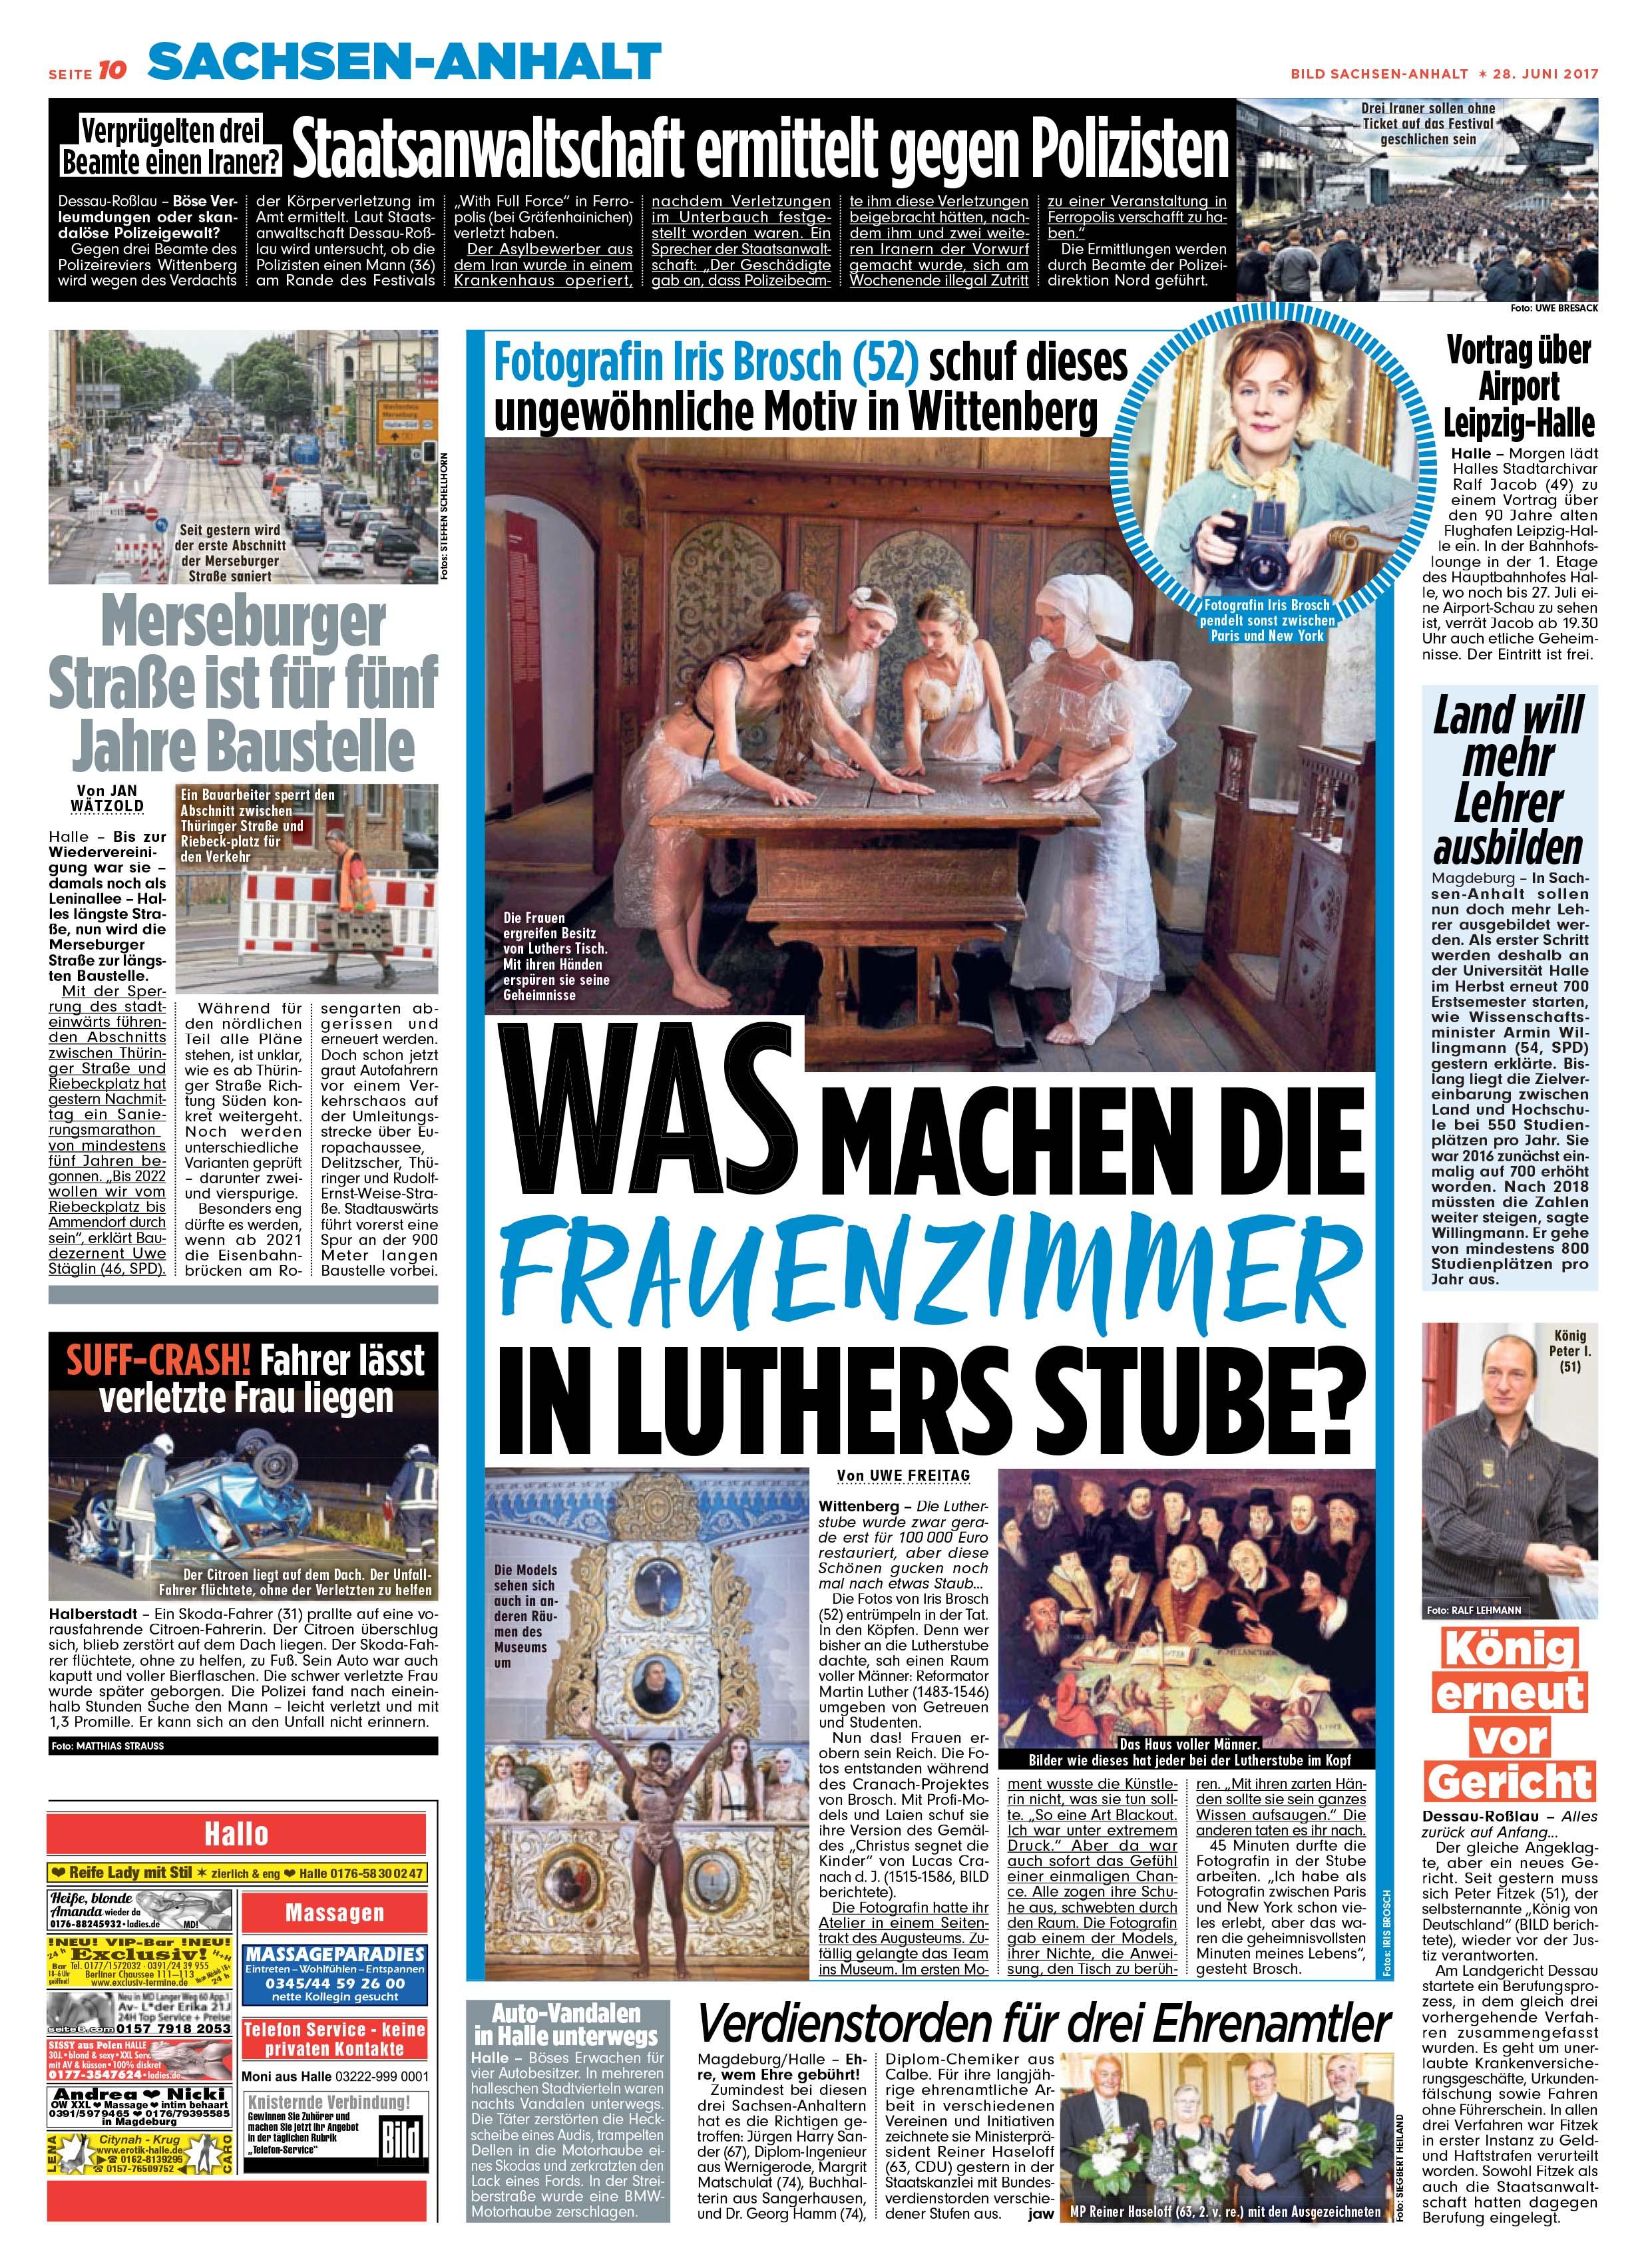 Luther-Stube.jpg